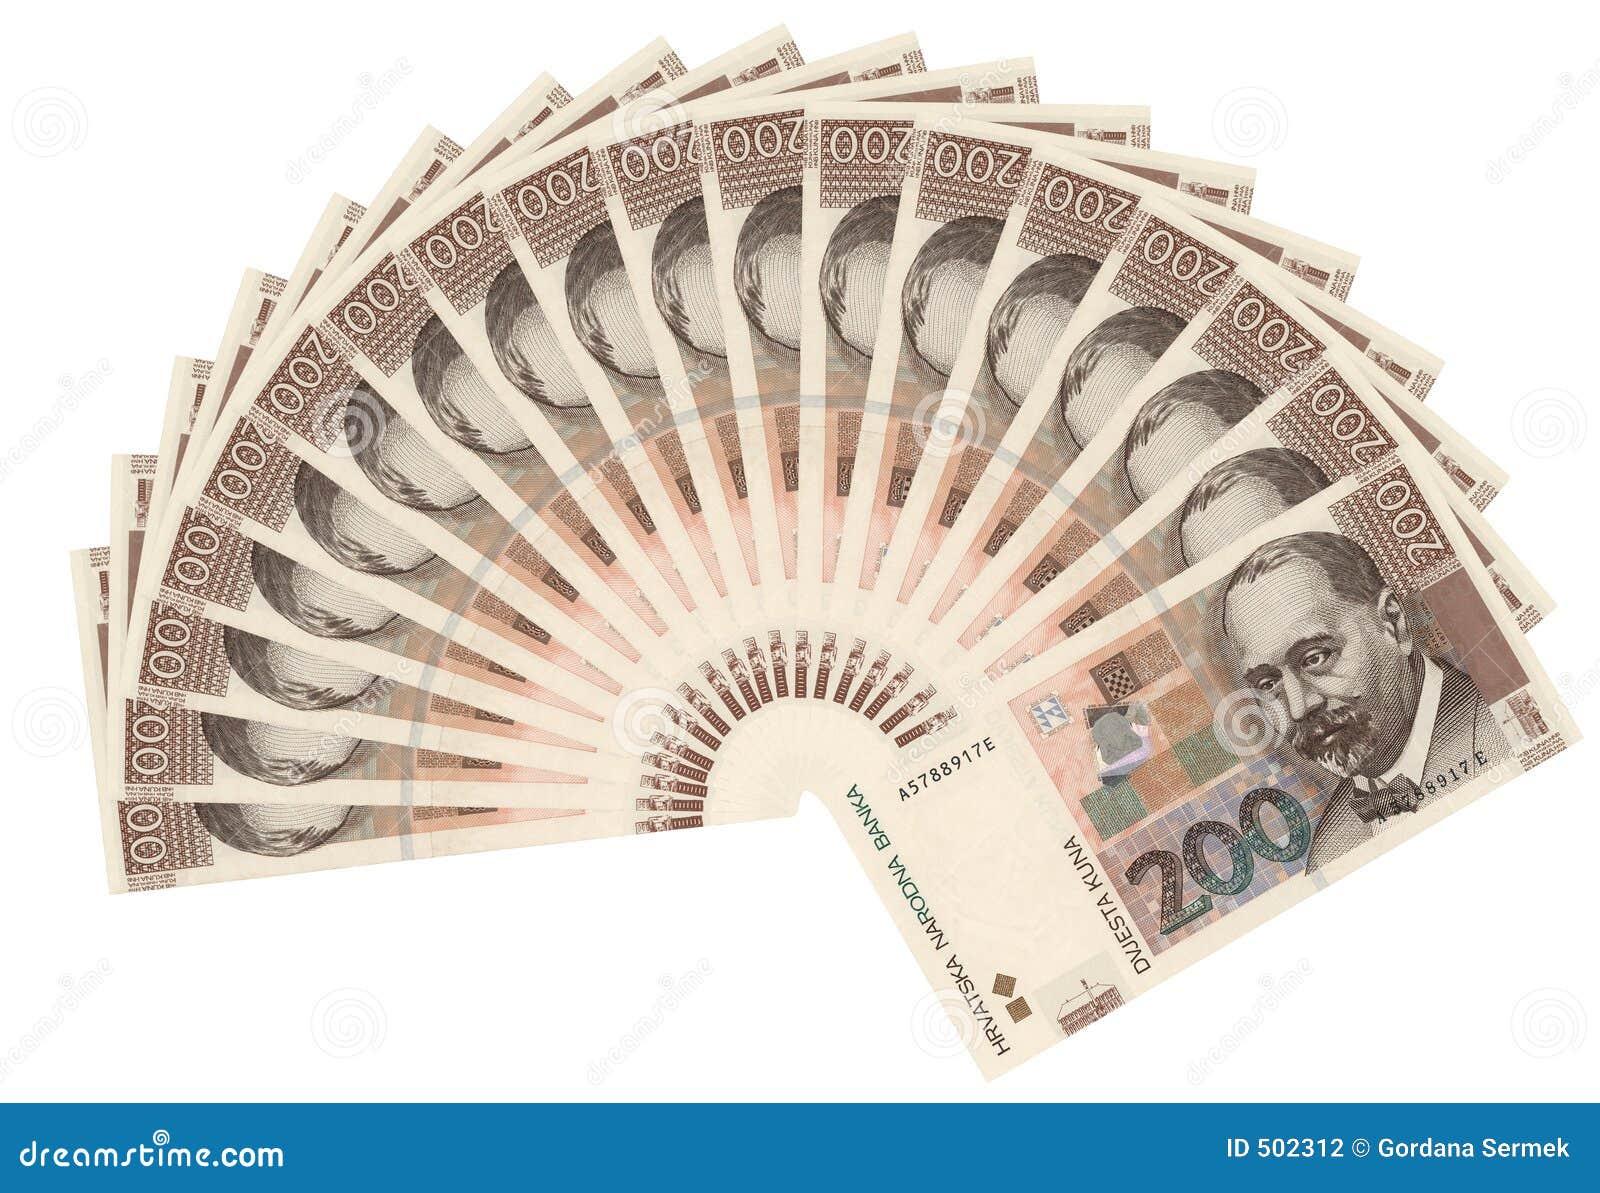 Kroatisk valutakuna för 200 bills